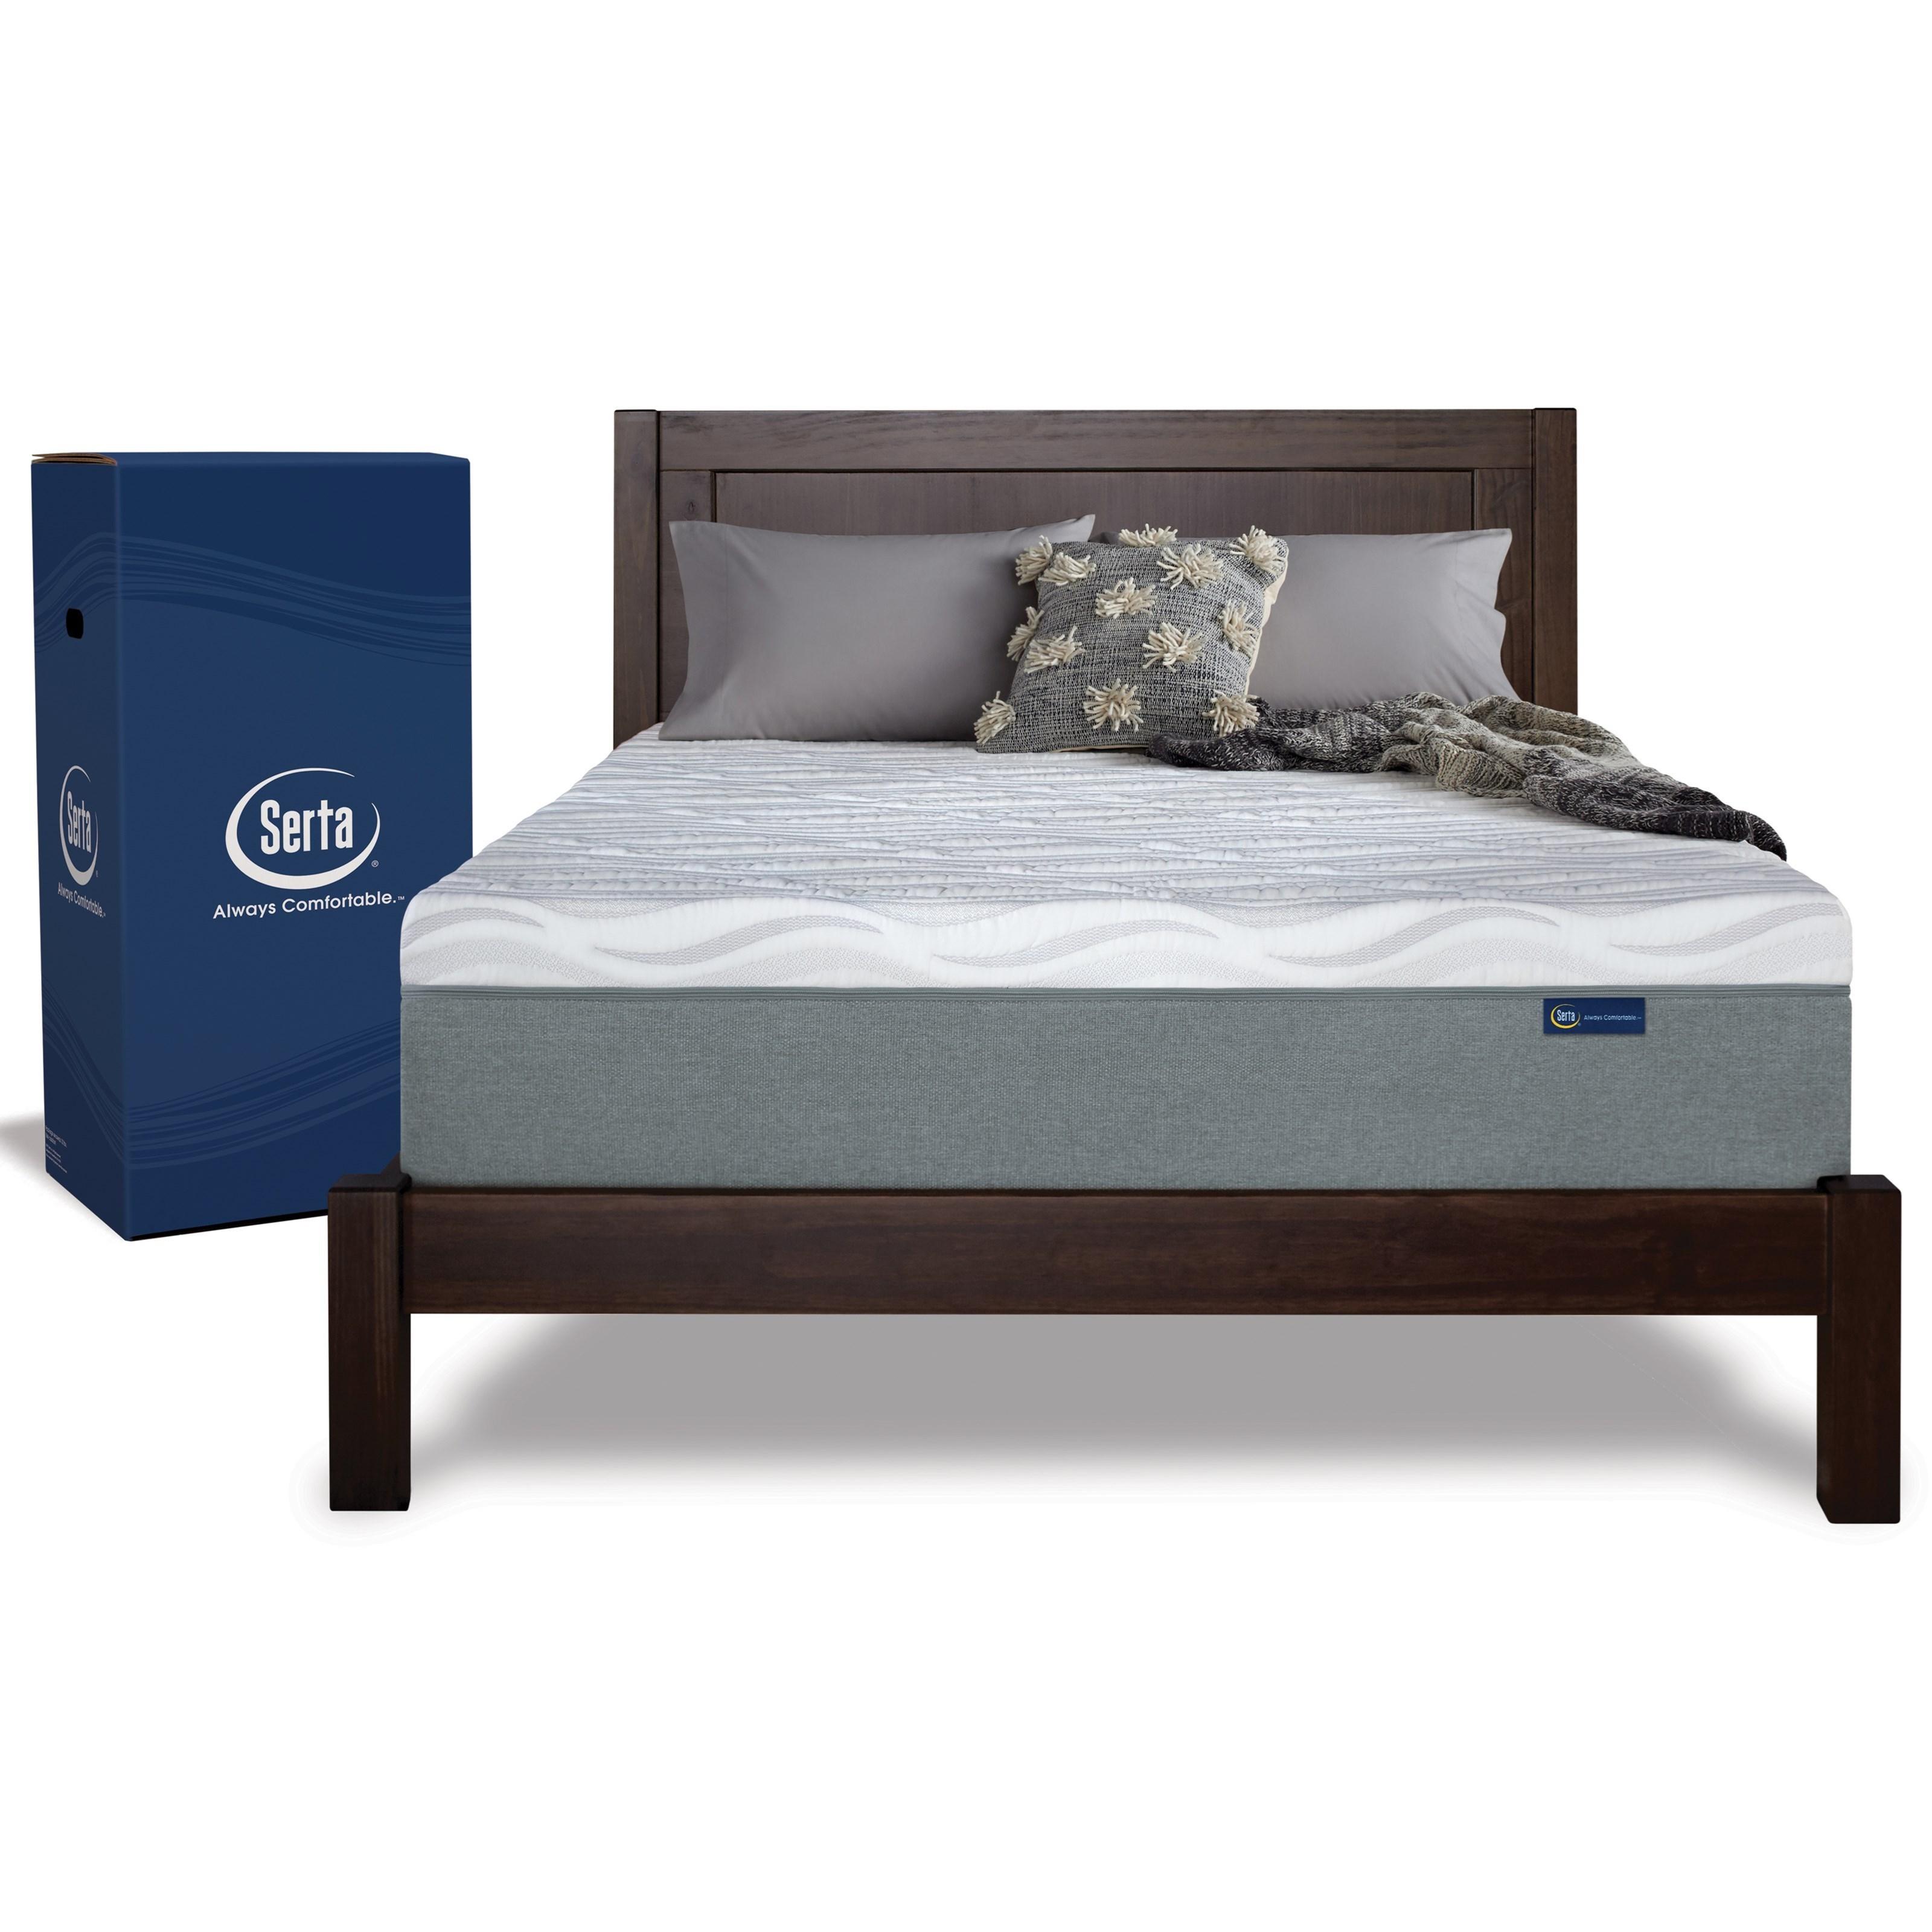 Premium Serta Twin Firm Mattress in a Box by Serta at HomeWorld Furniture